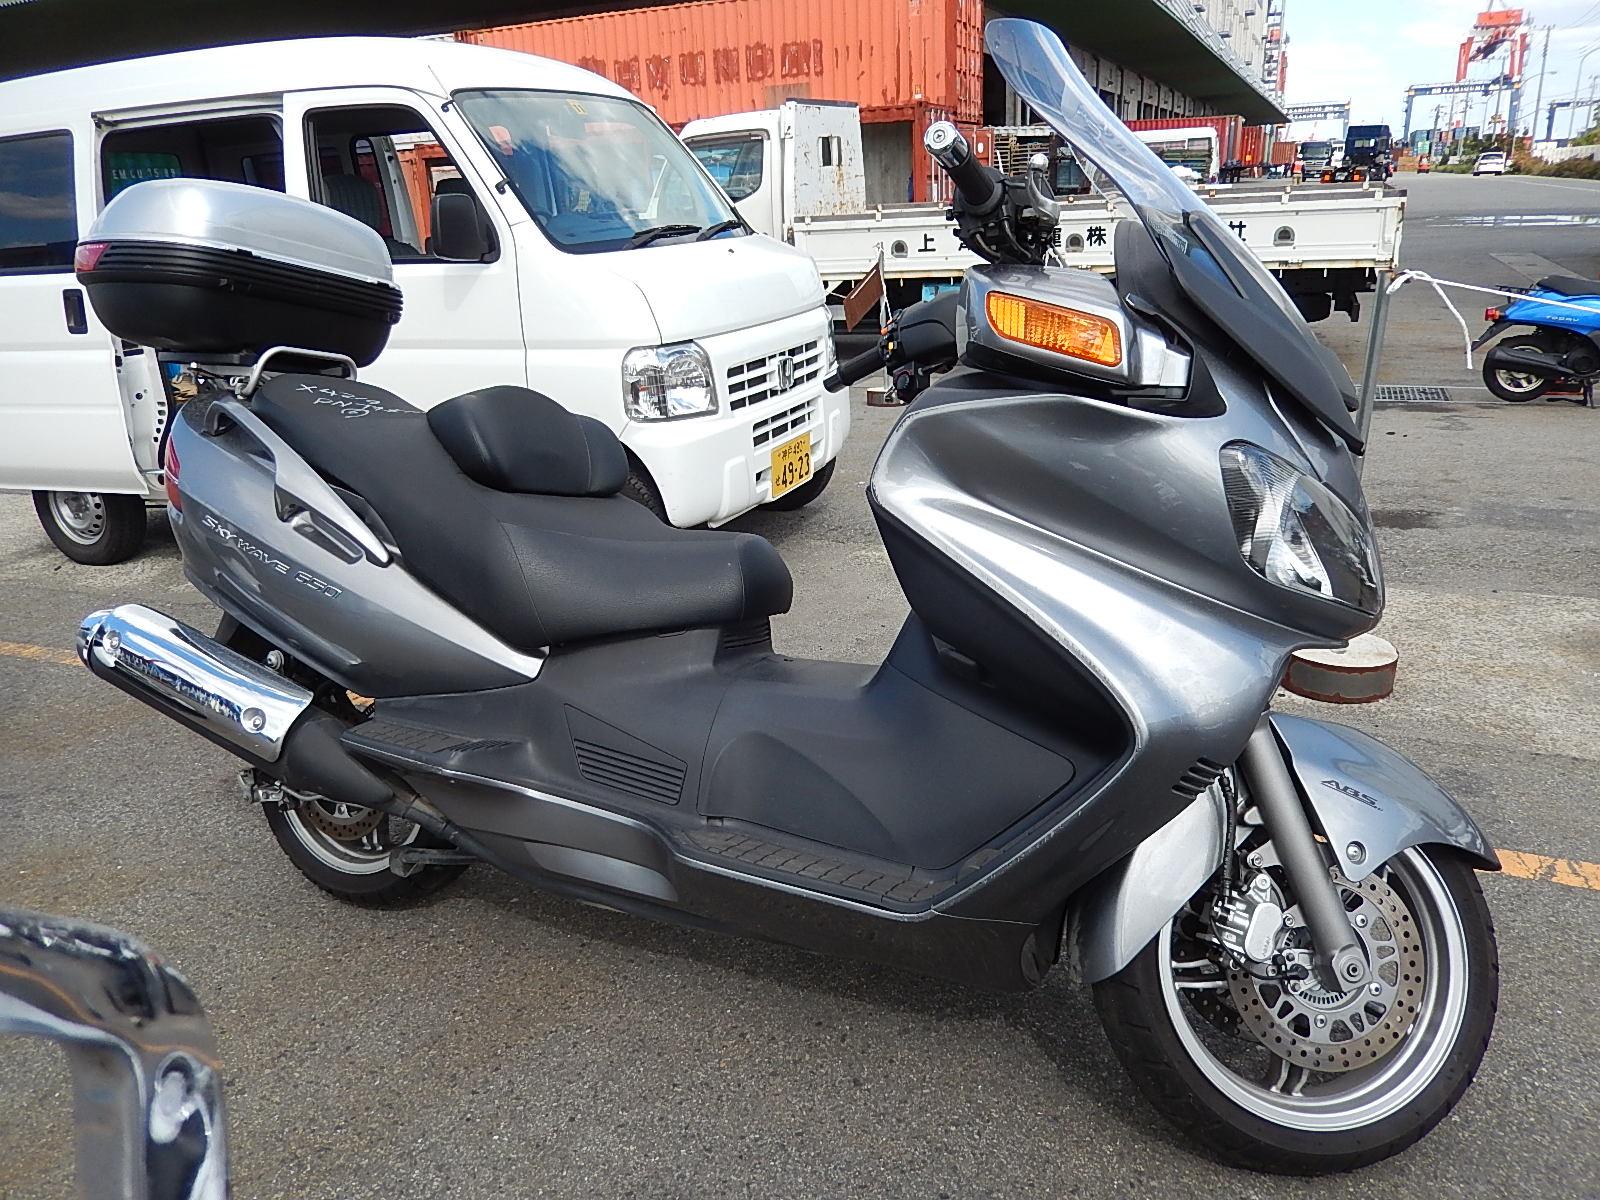 Поступил в продажу новый Suzuki Skywave 650LX